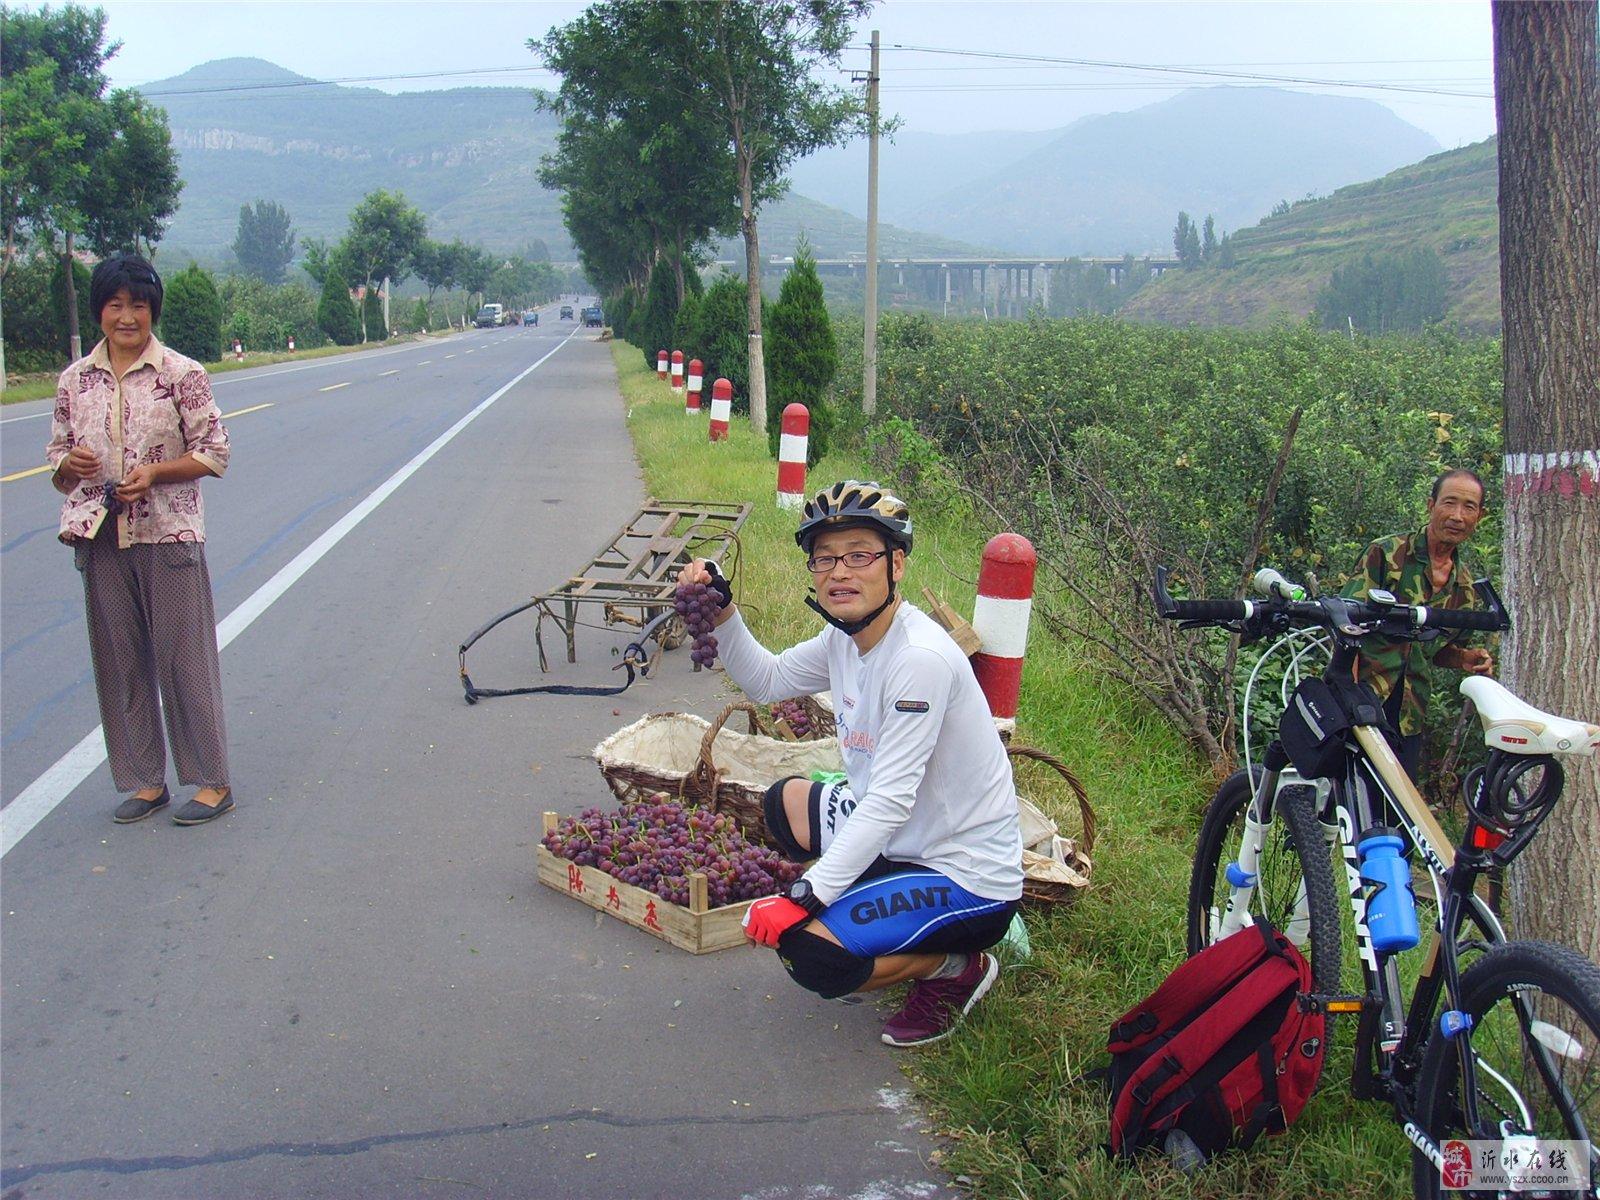 2天长途骑行沂水-沂源-莱芜-章丘-济南-新泰-蒙阴